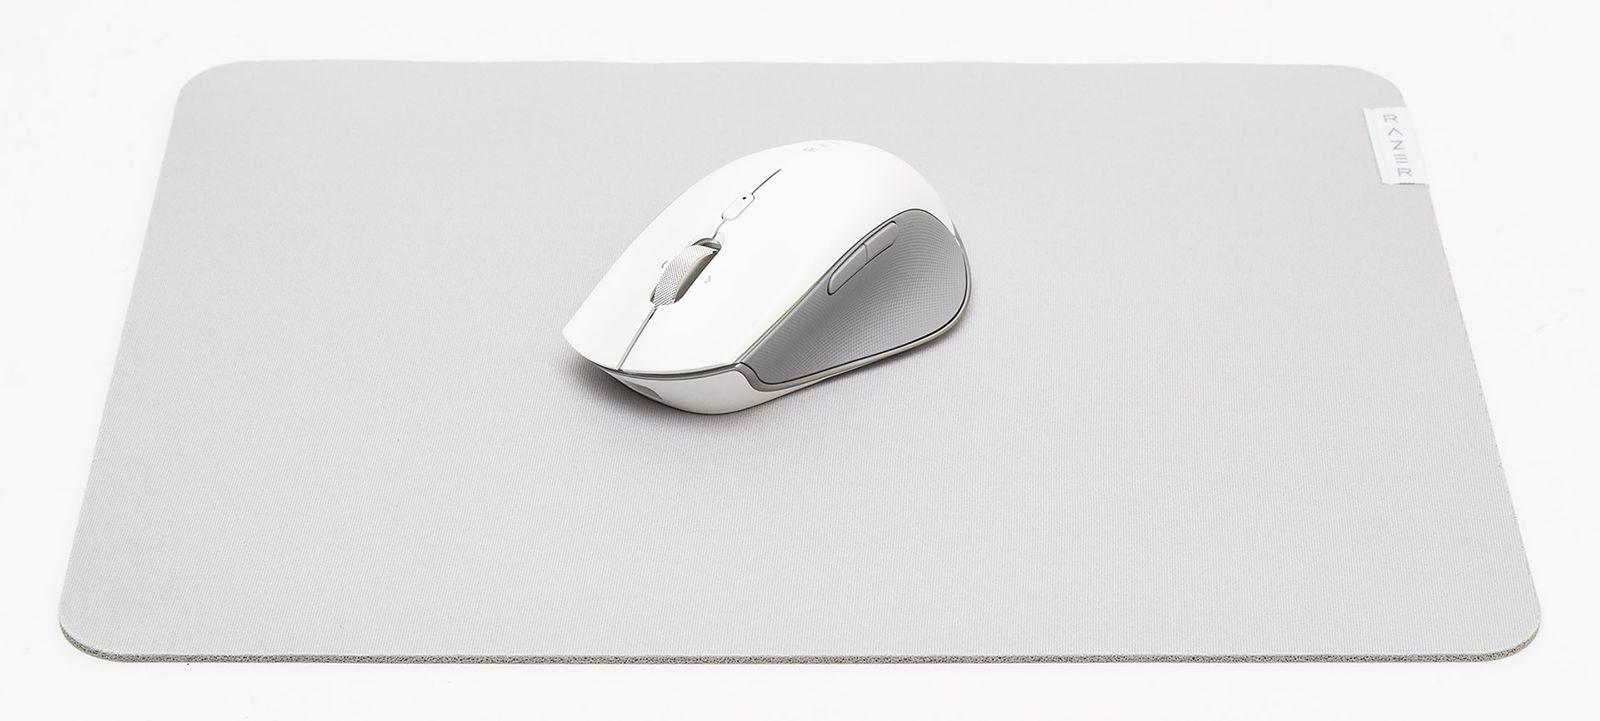 Мышка Razer Pro Click. Фото 23